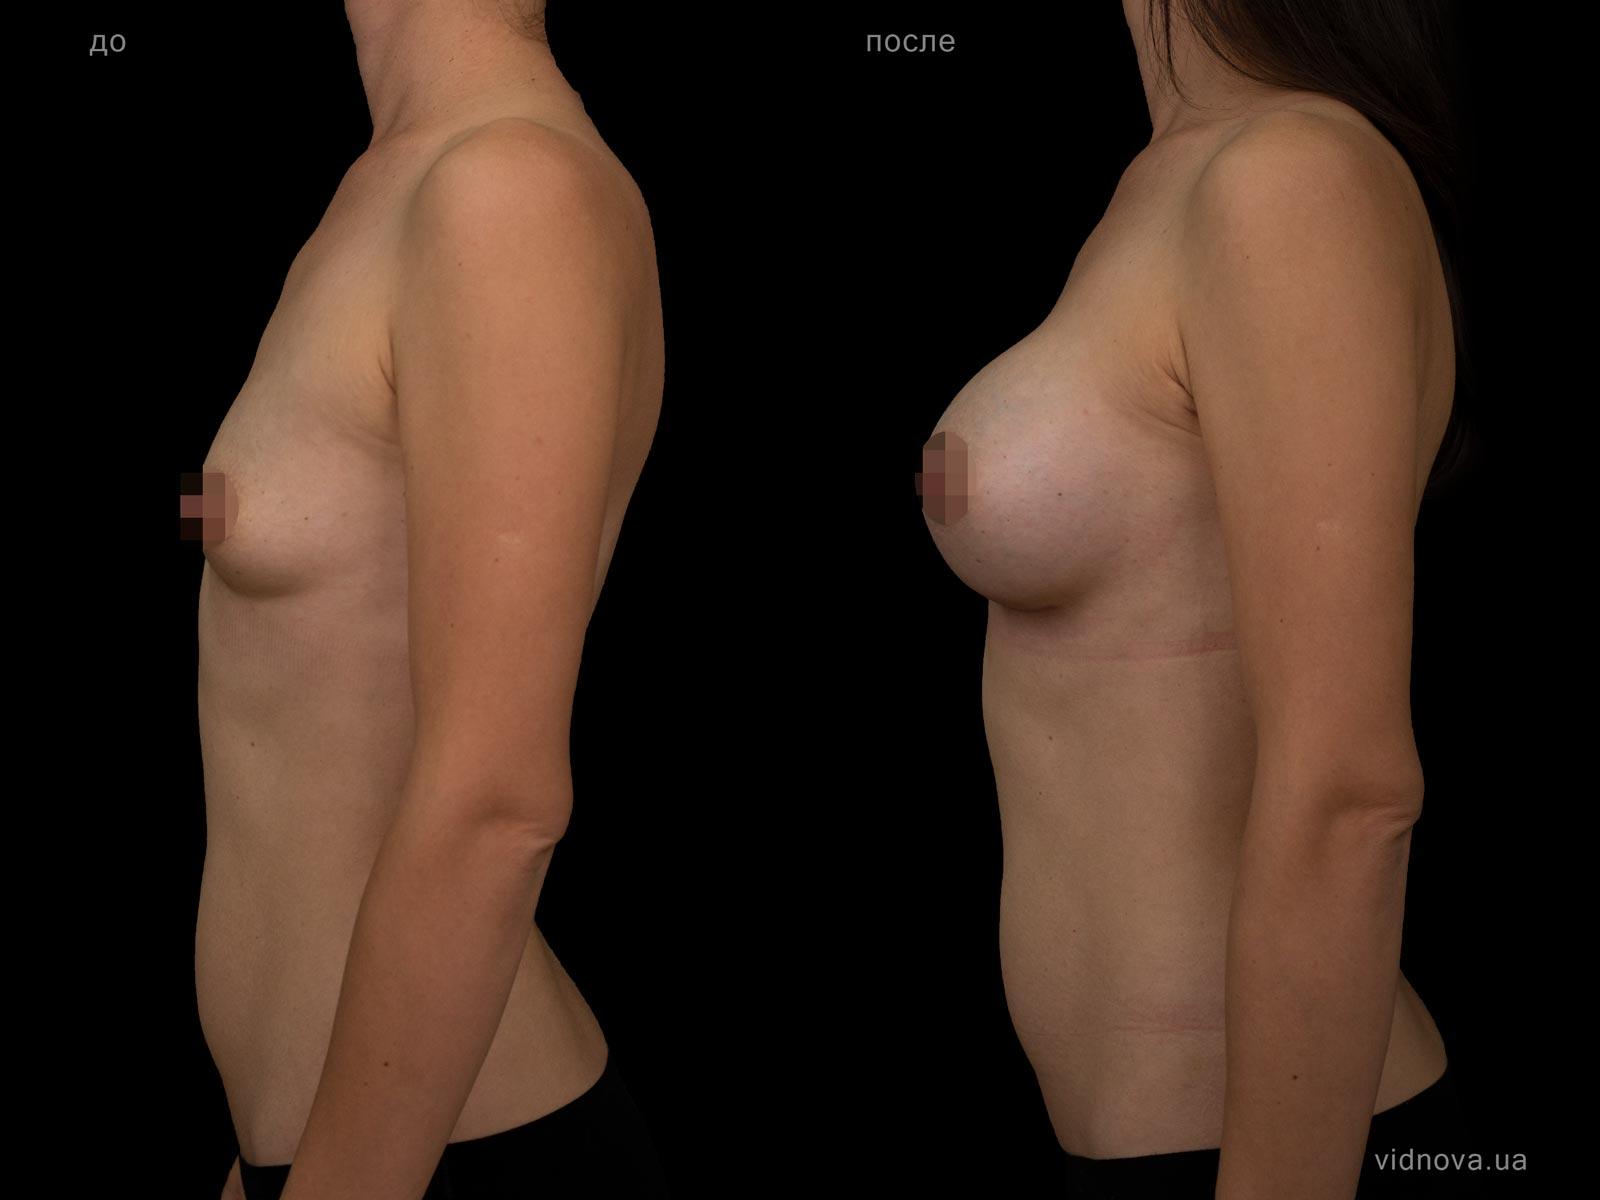 Пластика груди: результаты до и после - Пример №102-2 - Светлана Работенко